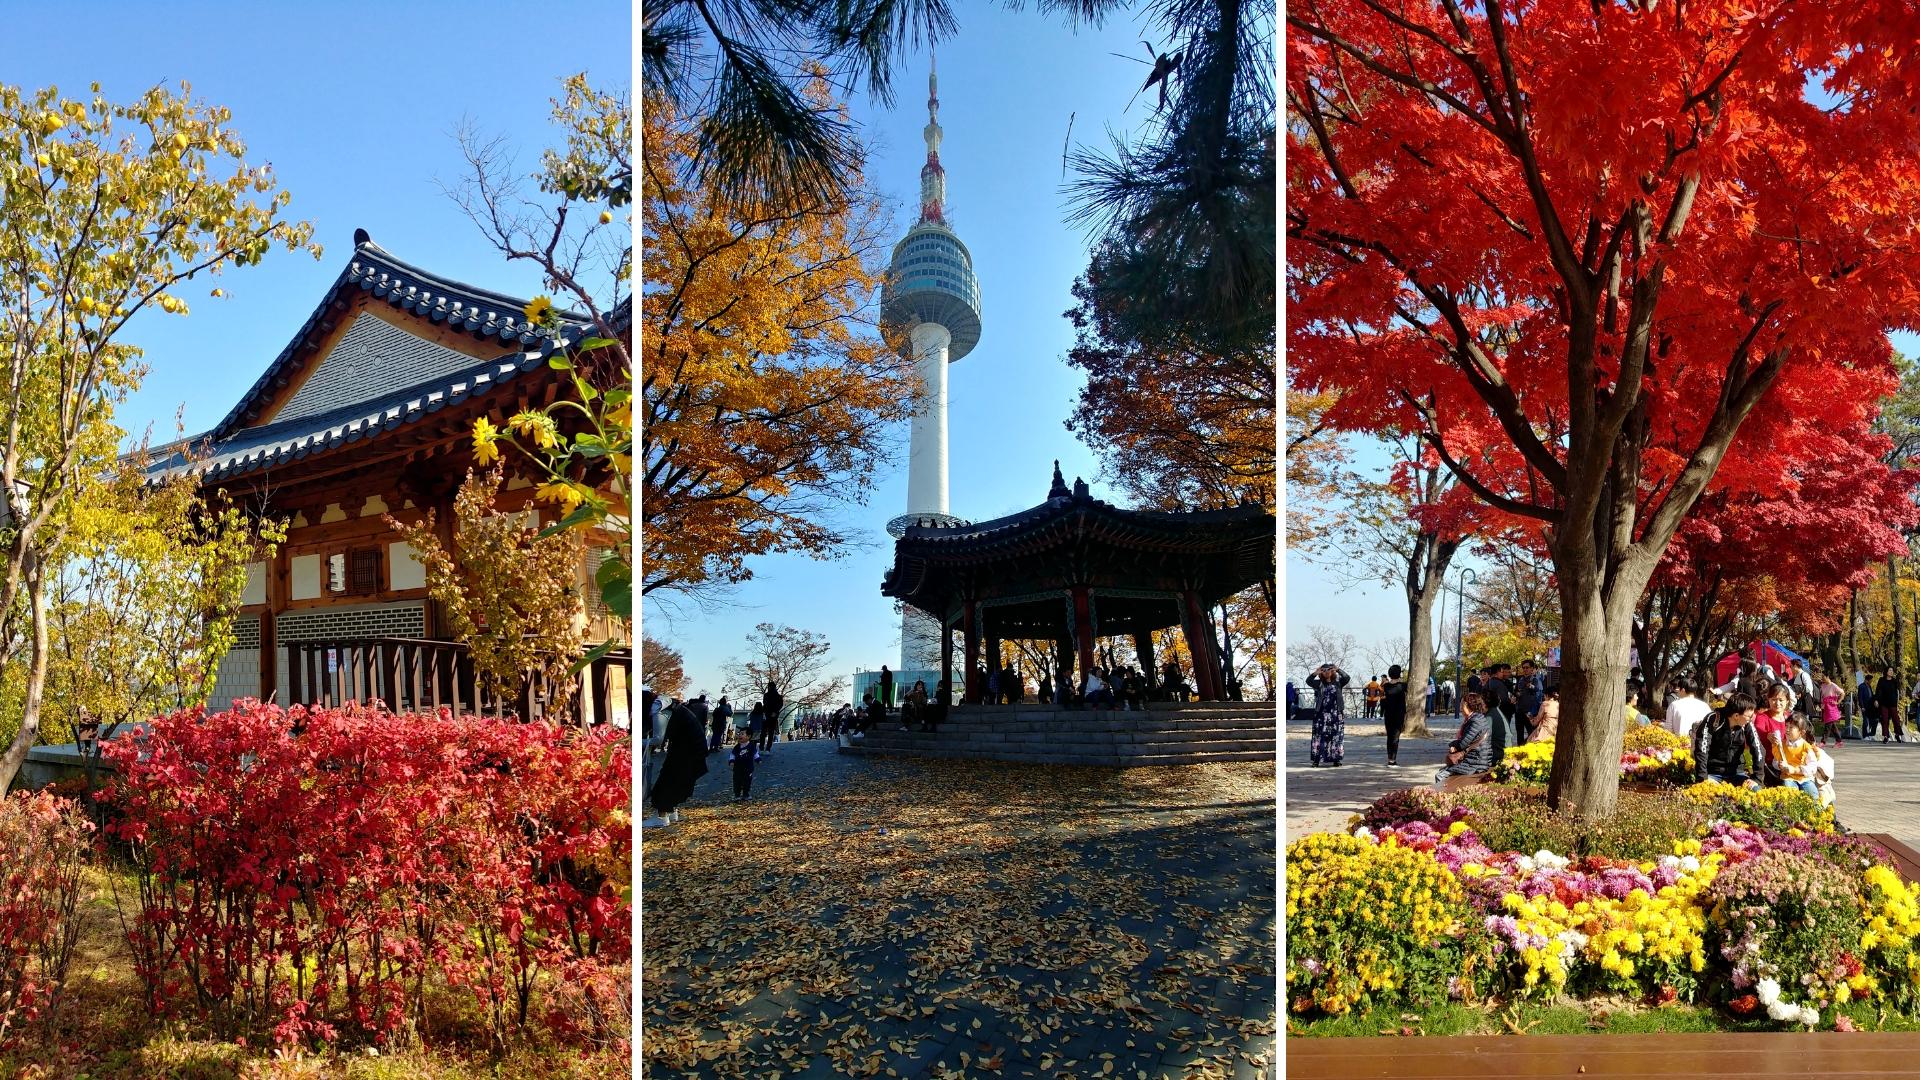 seoul tower coree du sud blog voyage arpenter le chemin